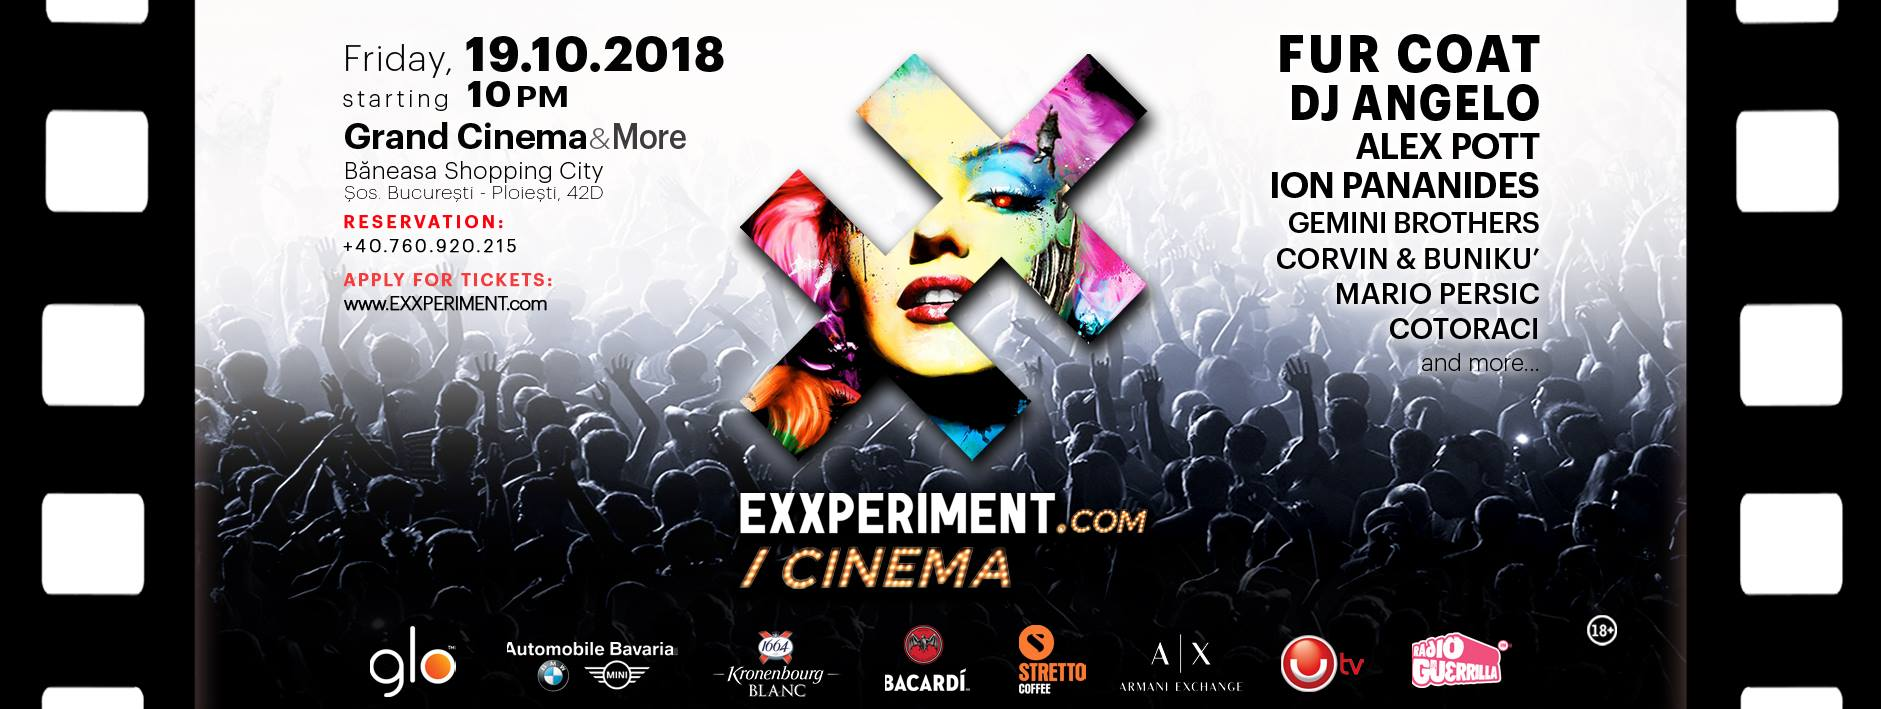 Exxperiment com cinema